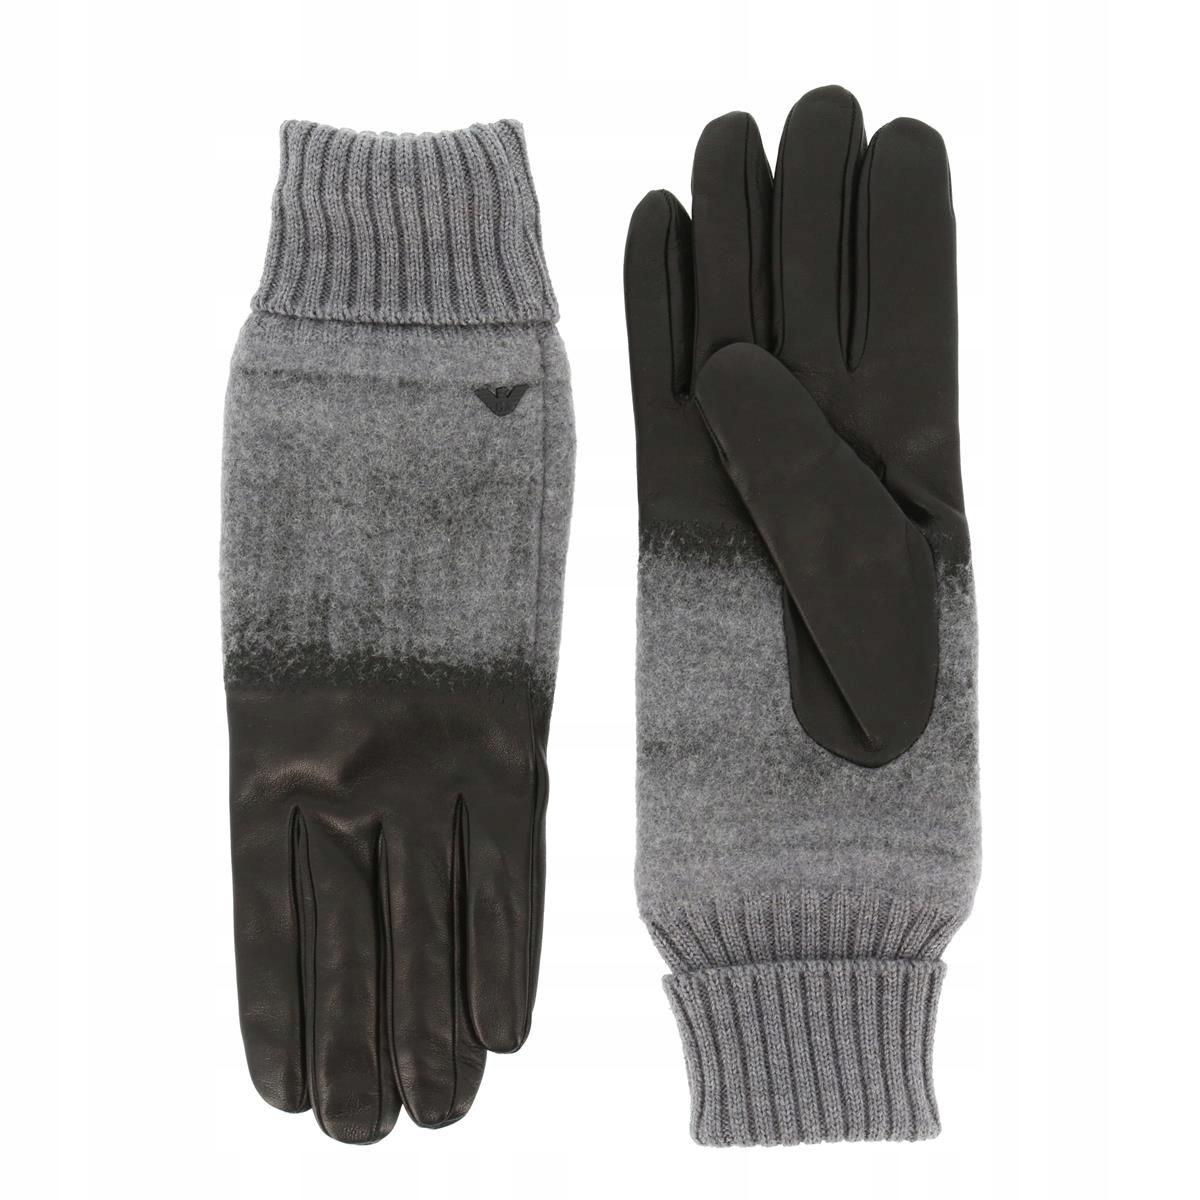 Emporio Armani męskie rękawice szary XL